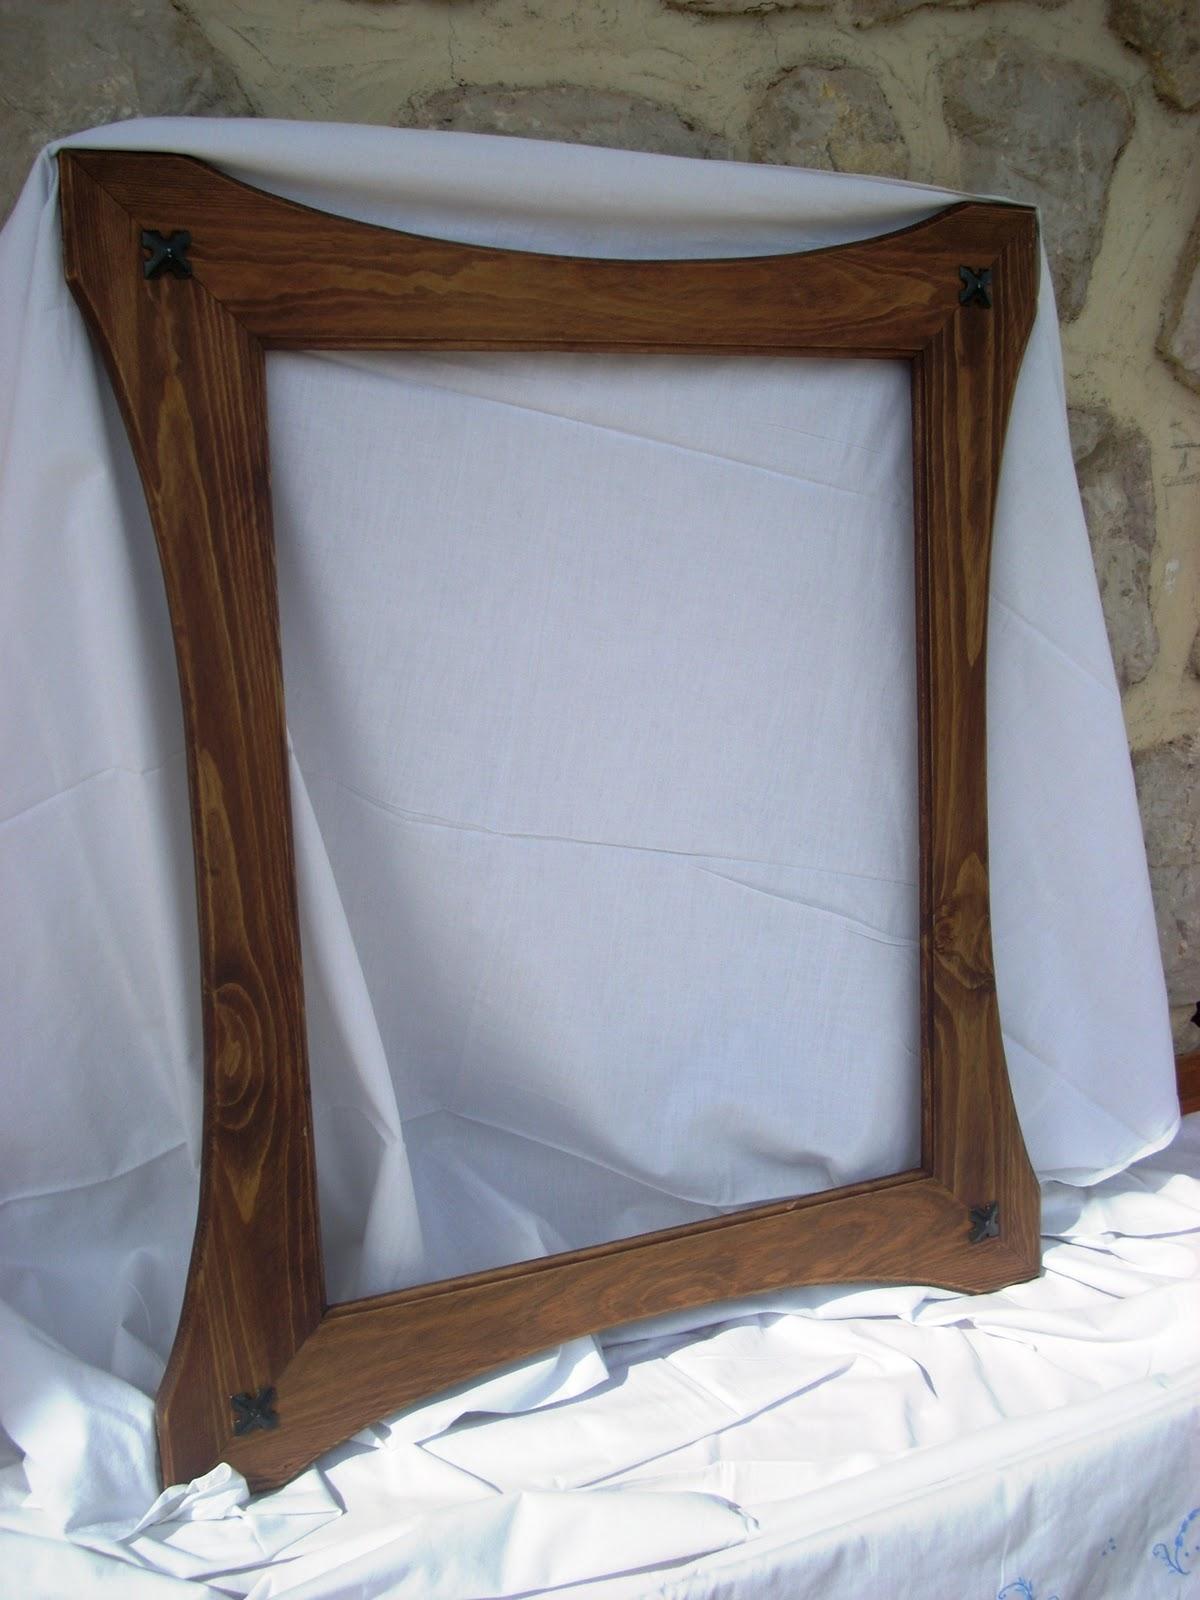 Artesan a con madera marcos y cuadros Marcos de madera cuadros